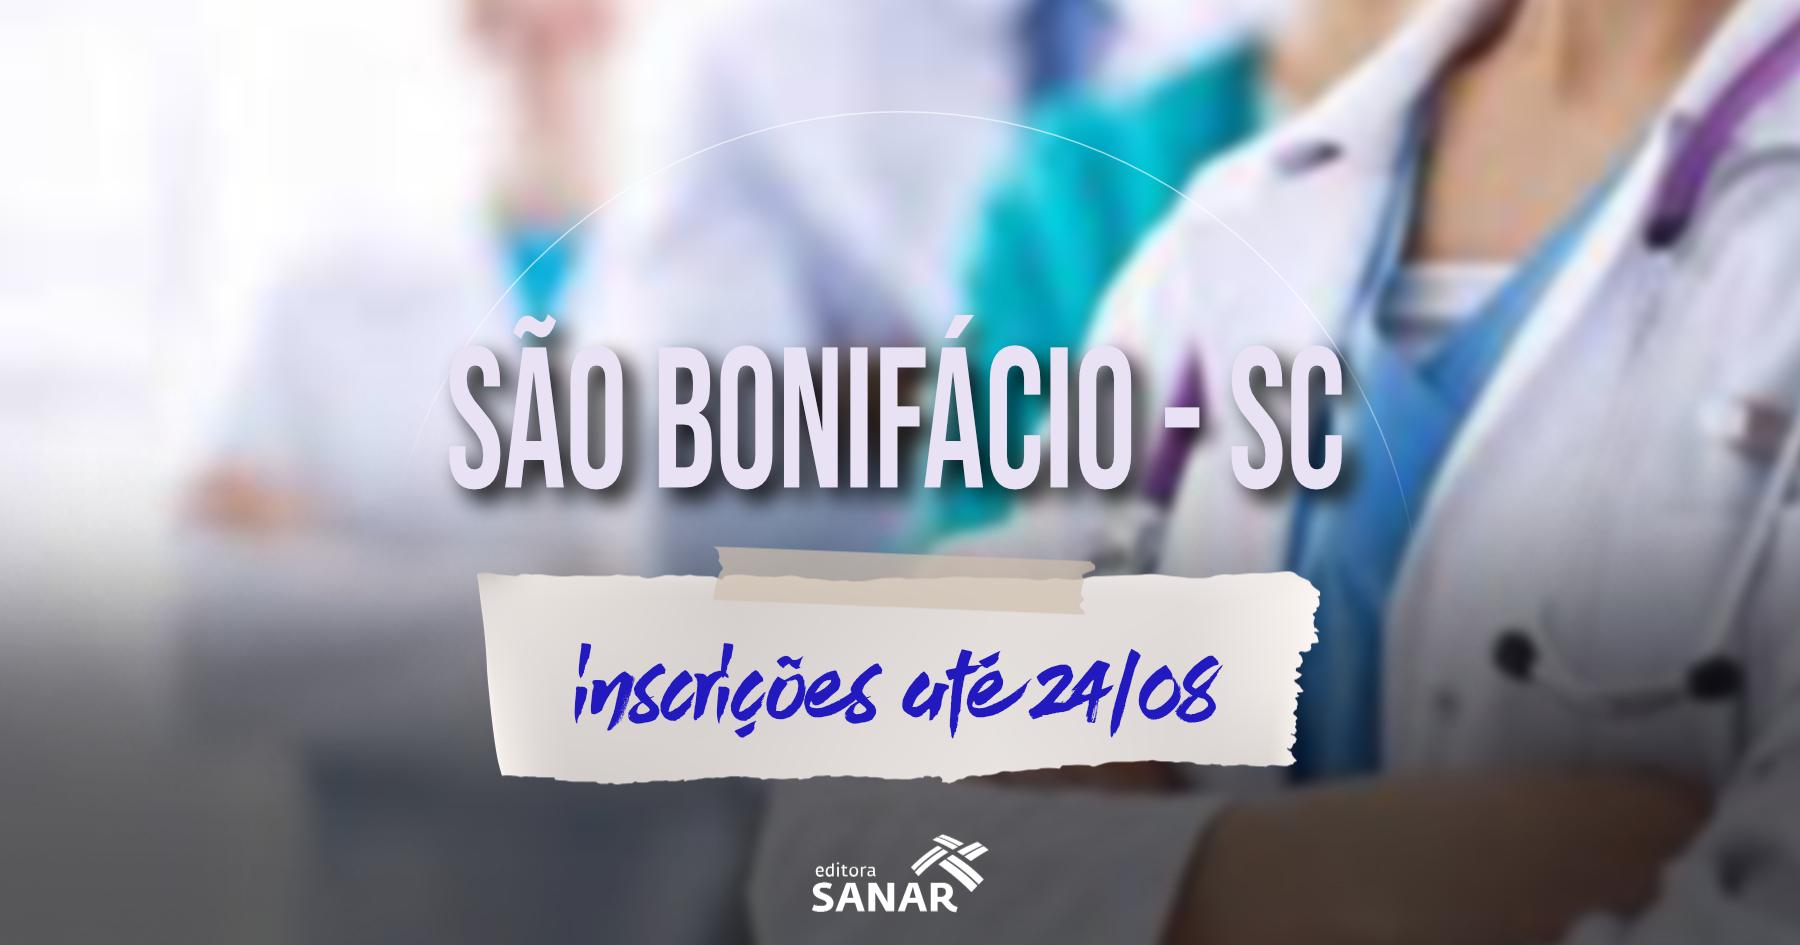 Concurso | São Bonifácio (SC) contrata farmacêutico